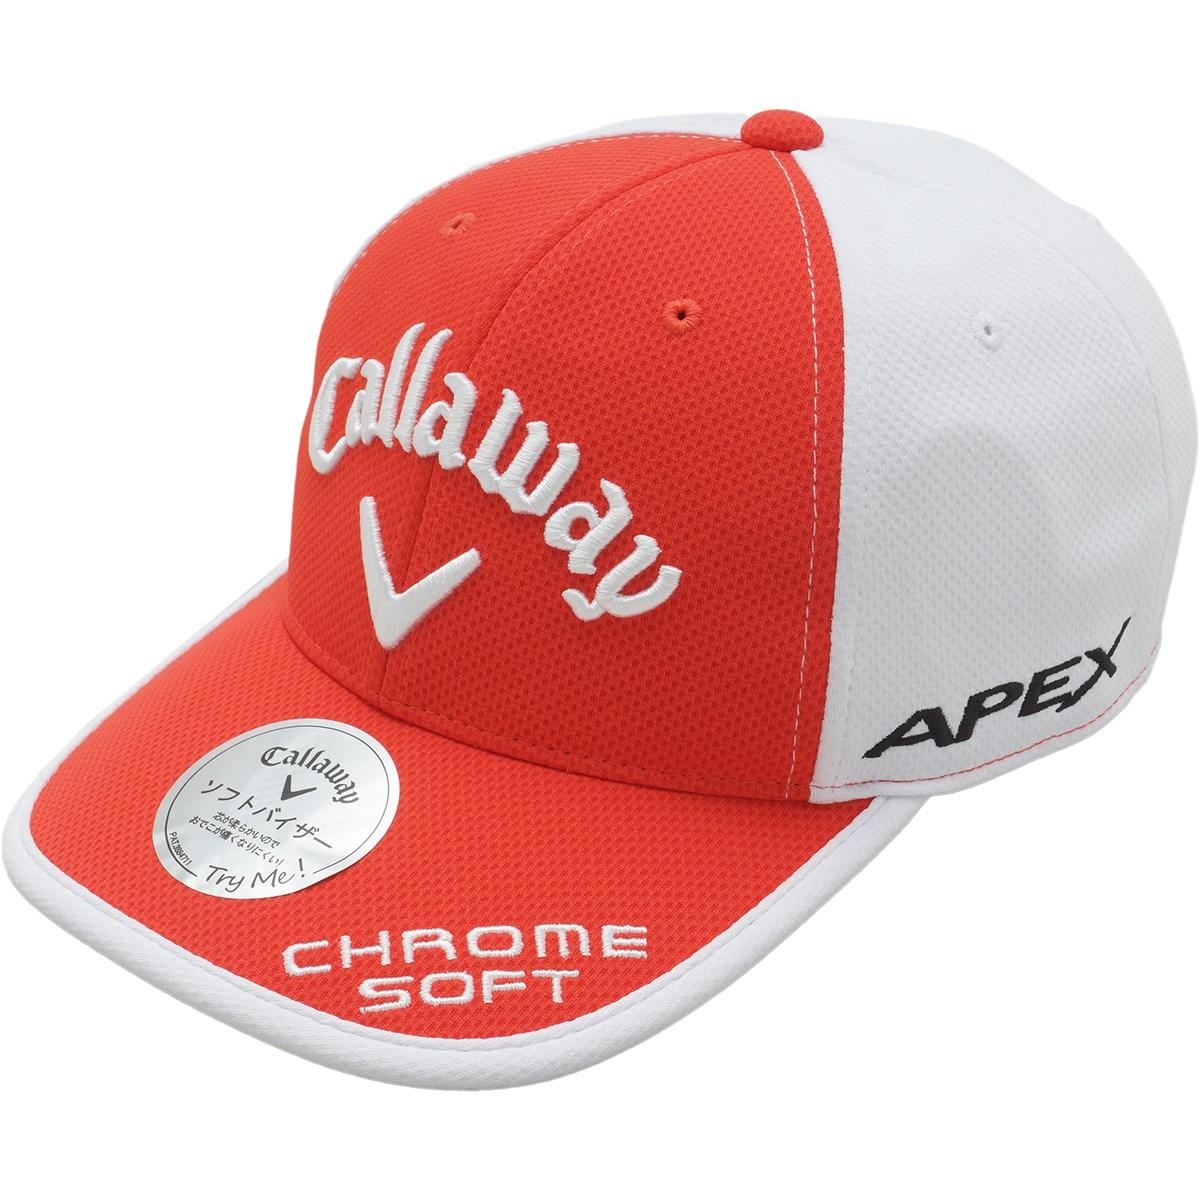 キャロウェイゴルフ Callaway Golf UVツアーキャップ JM フリー レッド 100